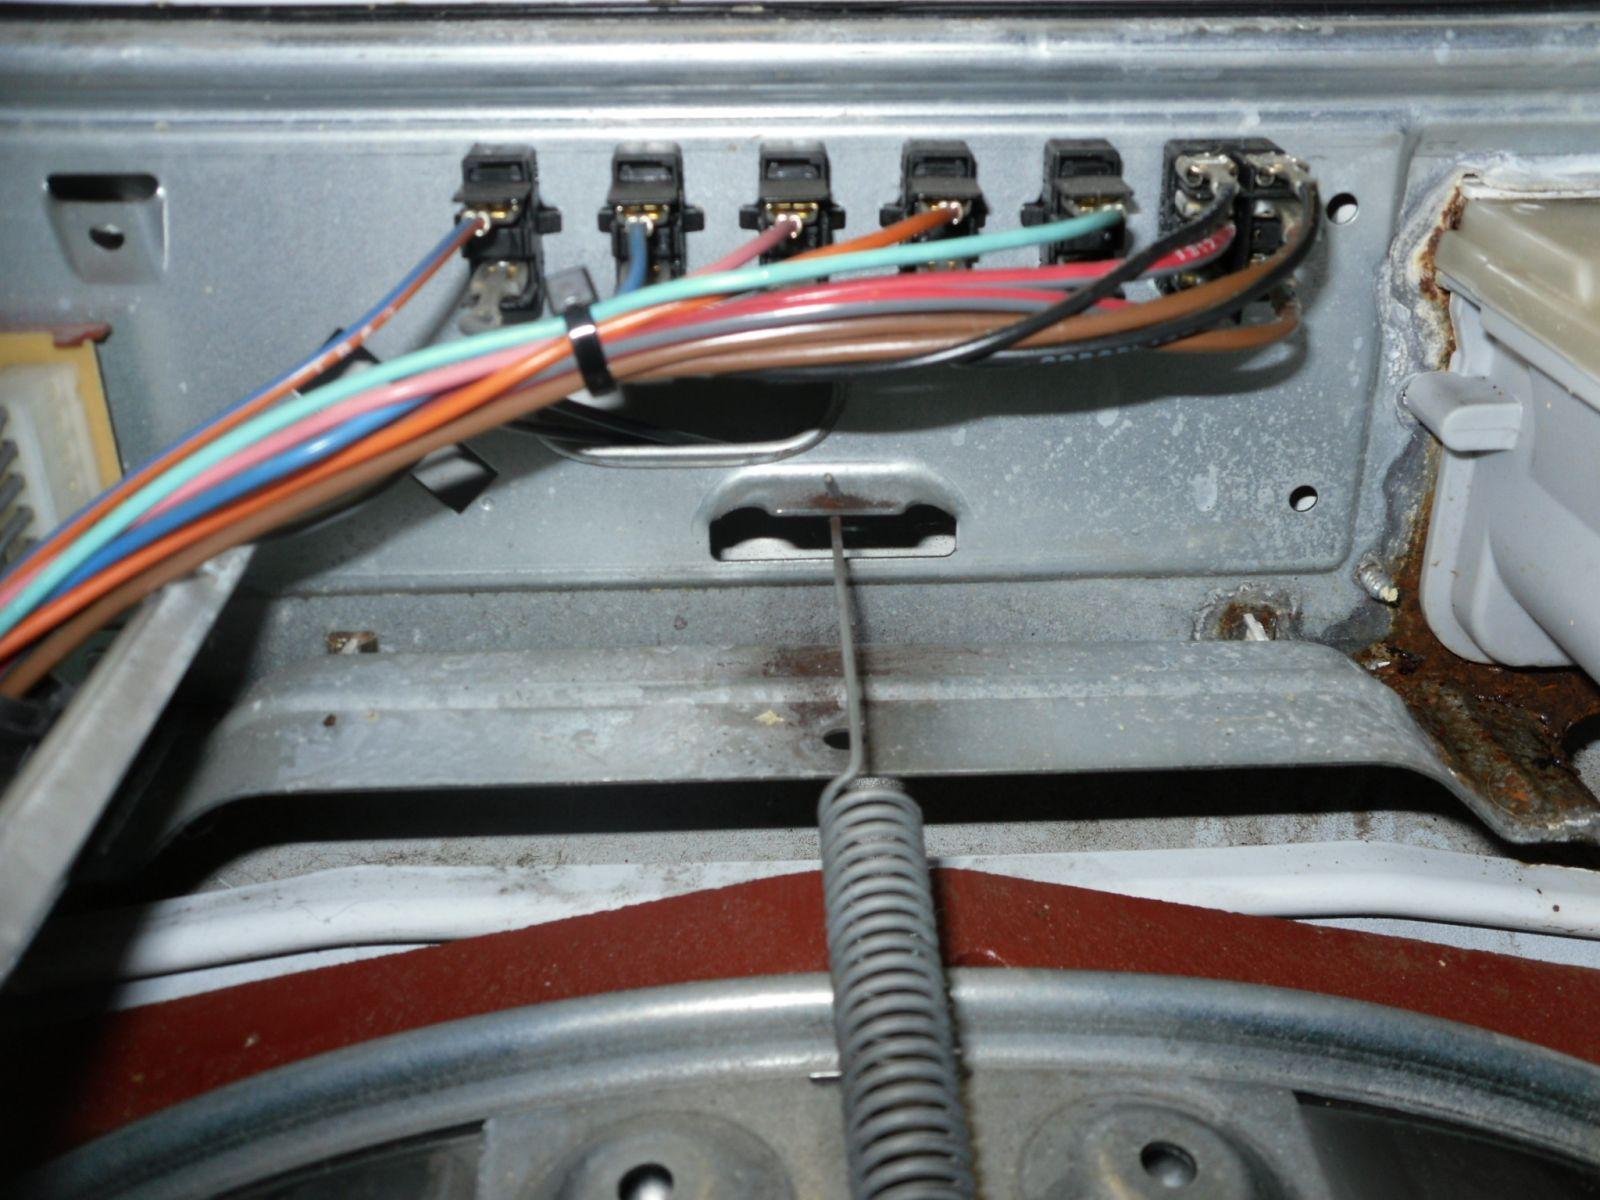 06 ASKO W600 Washer Inside TopView6